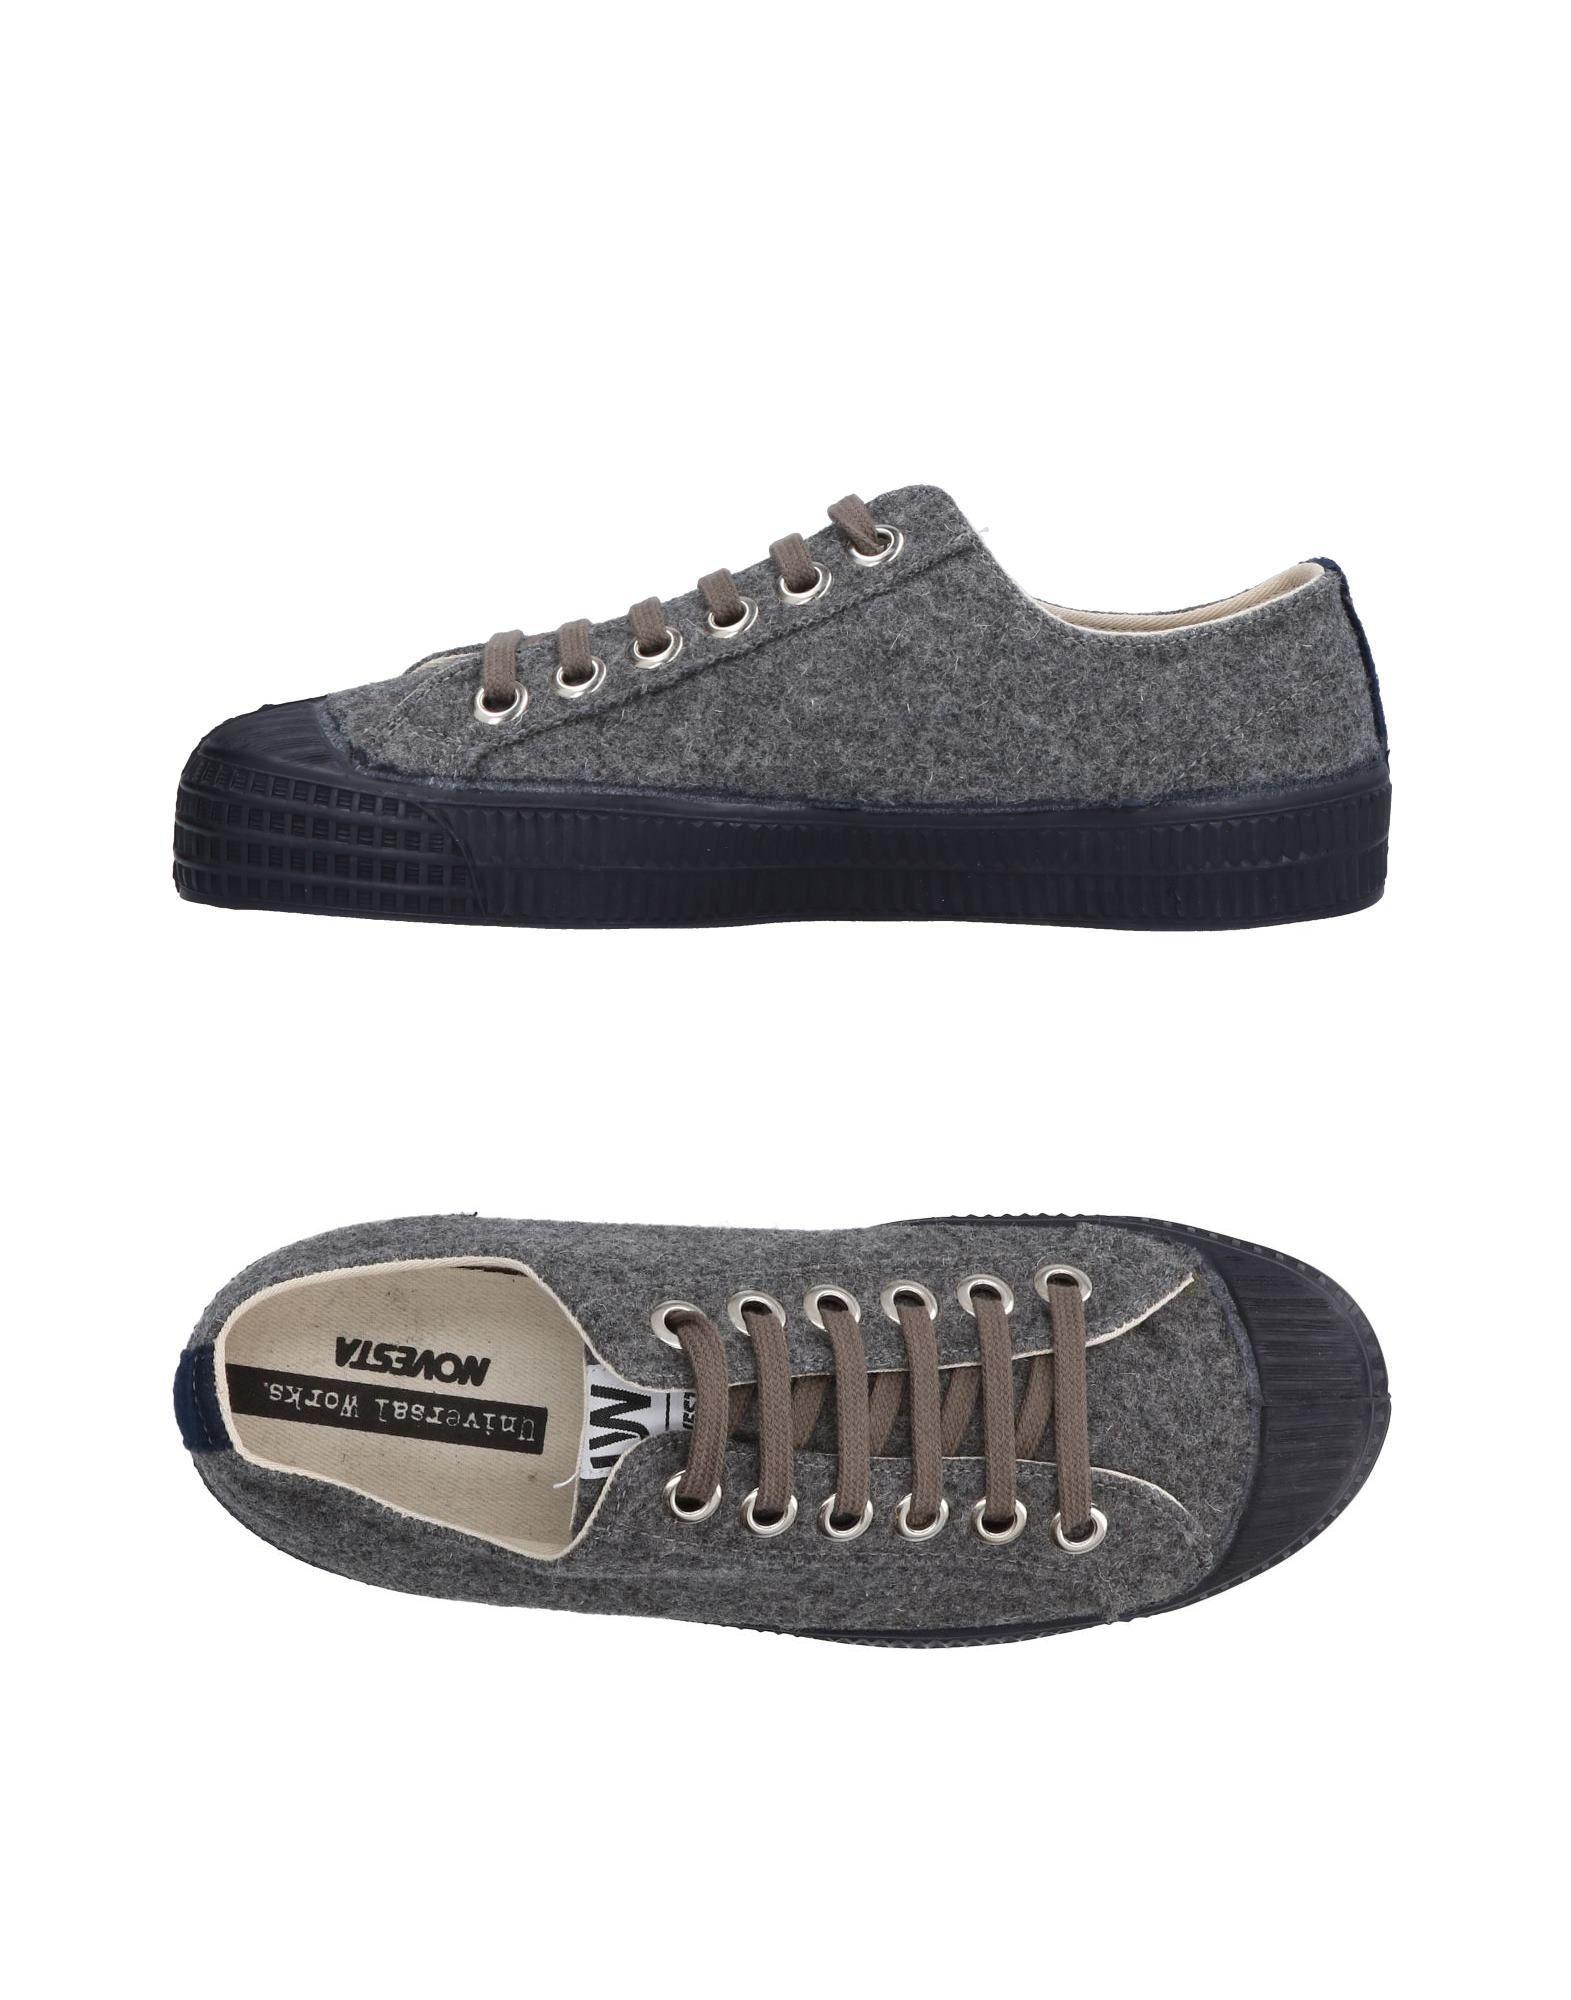 Moda Sneakers Novesta Uomo - 11493368LP 11493368LP - 829a9b